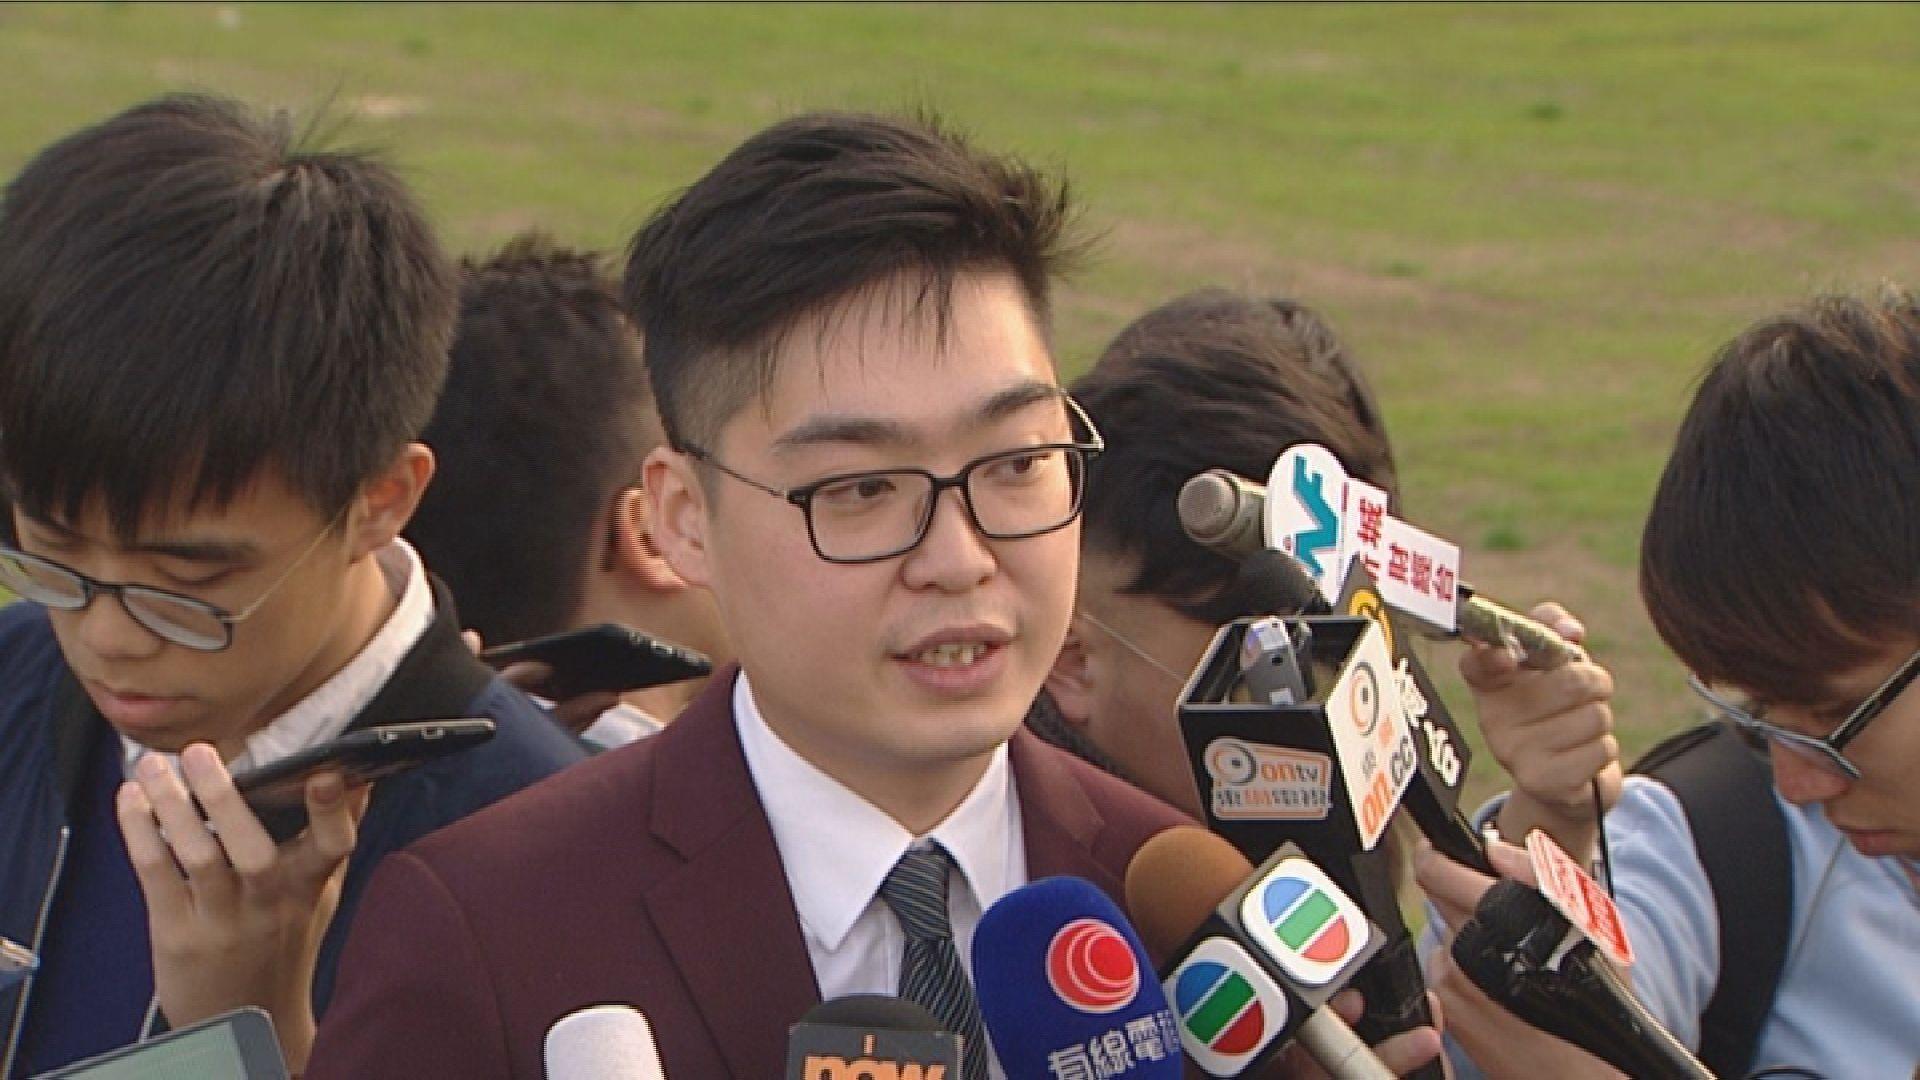 有法律學者指傳媒專訪陳浩天談及港獨或違法